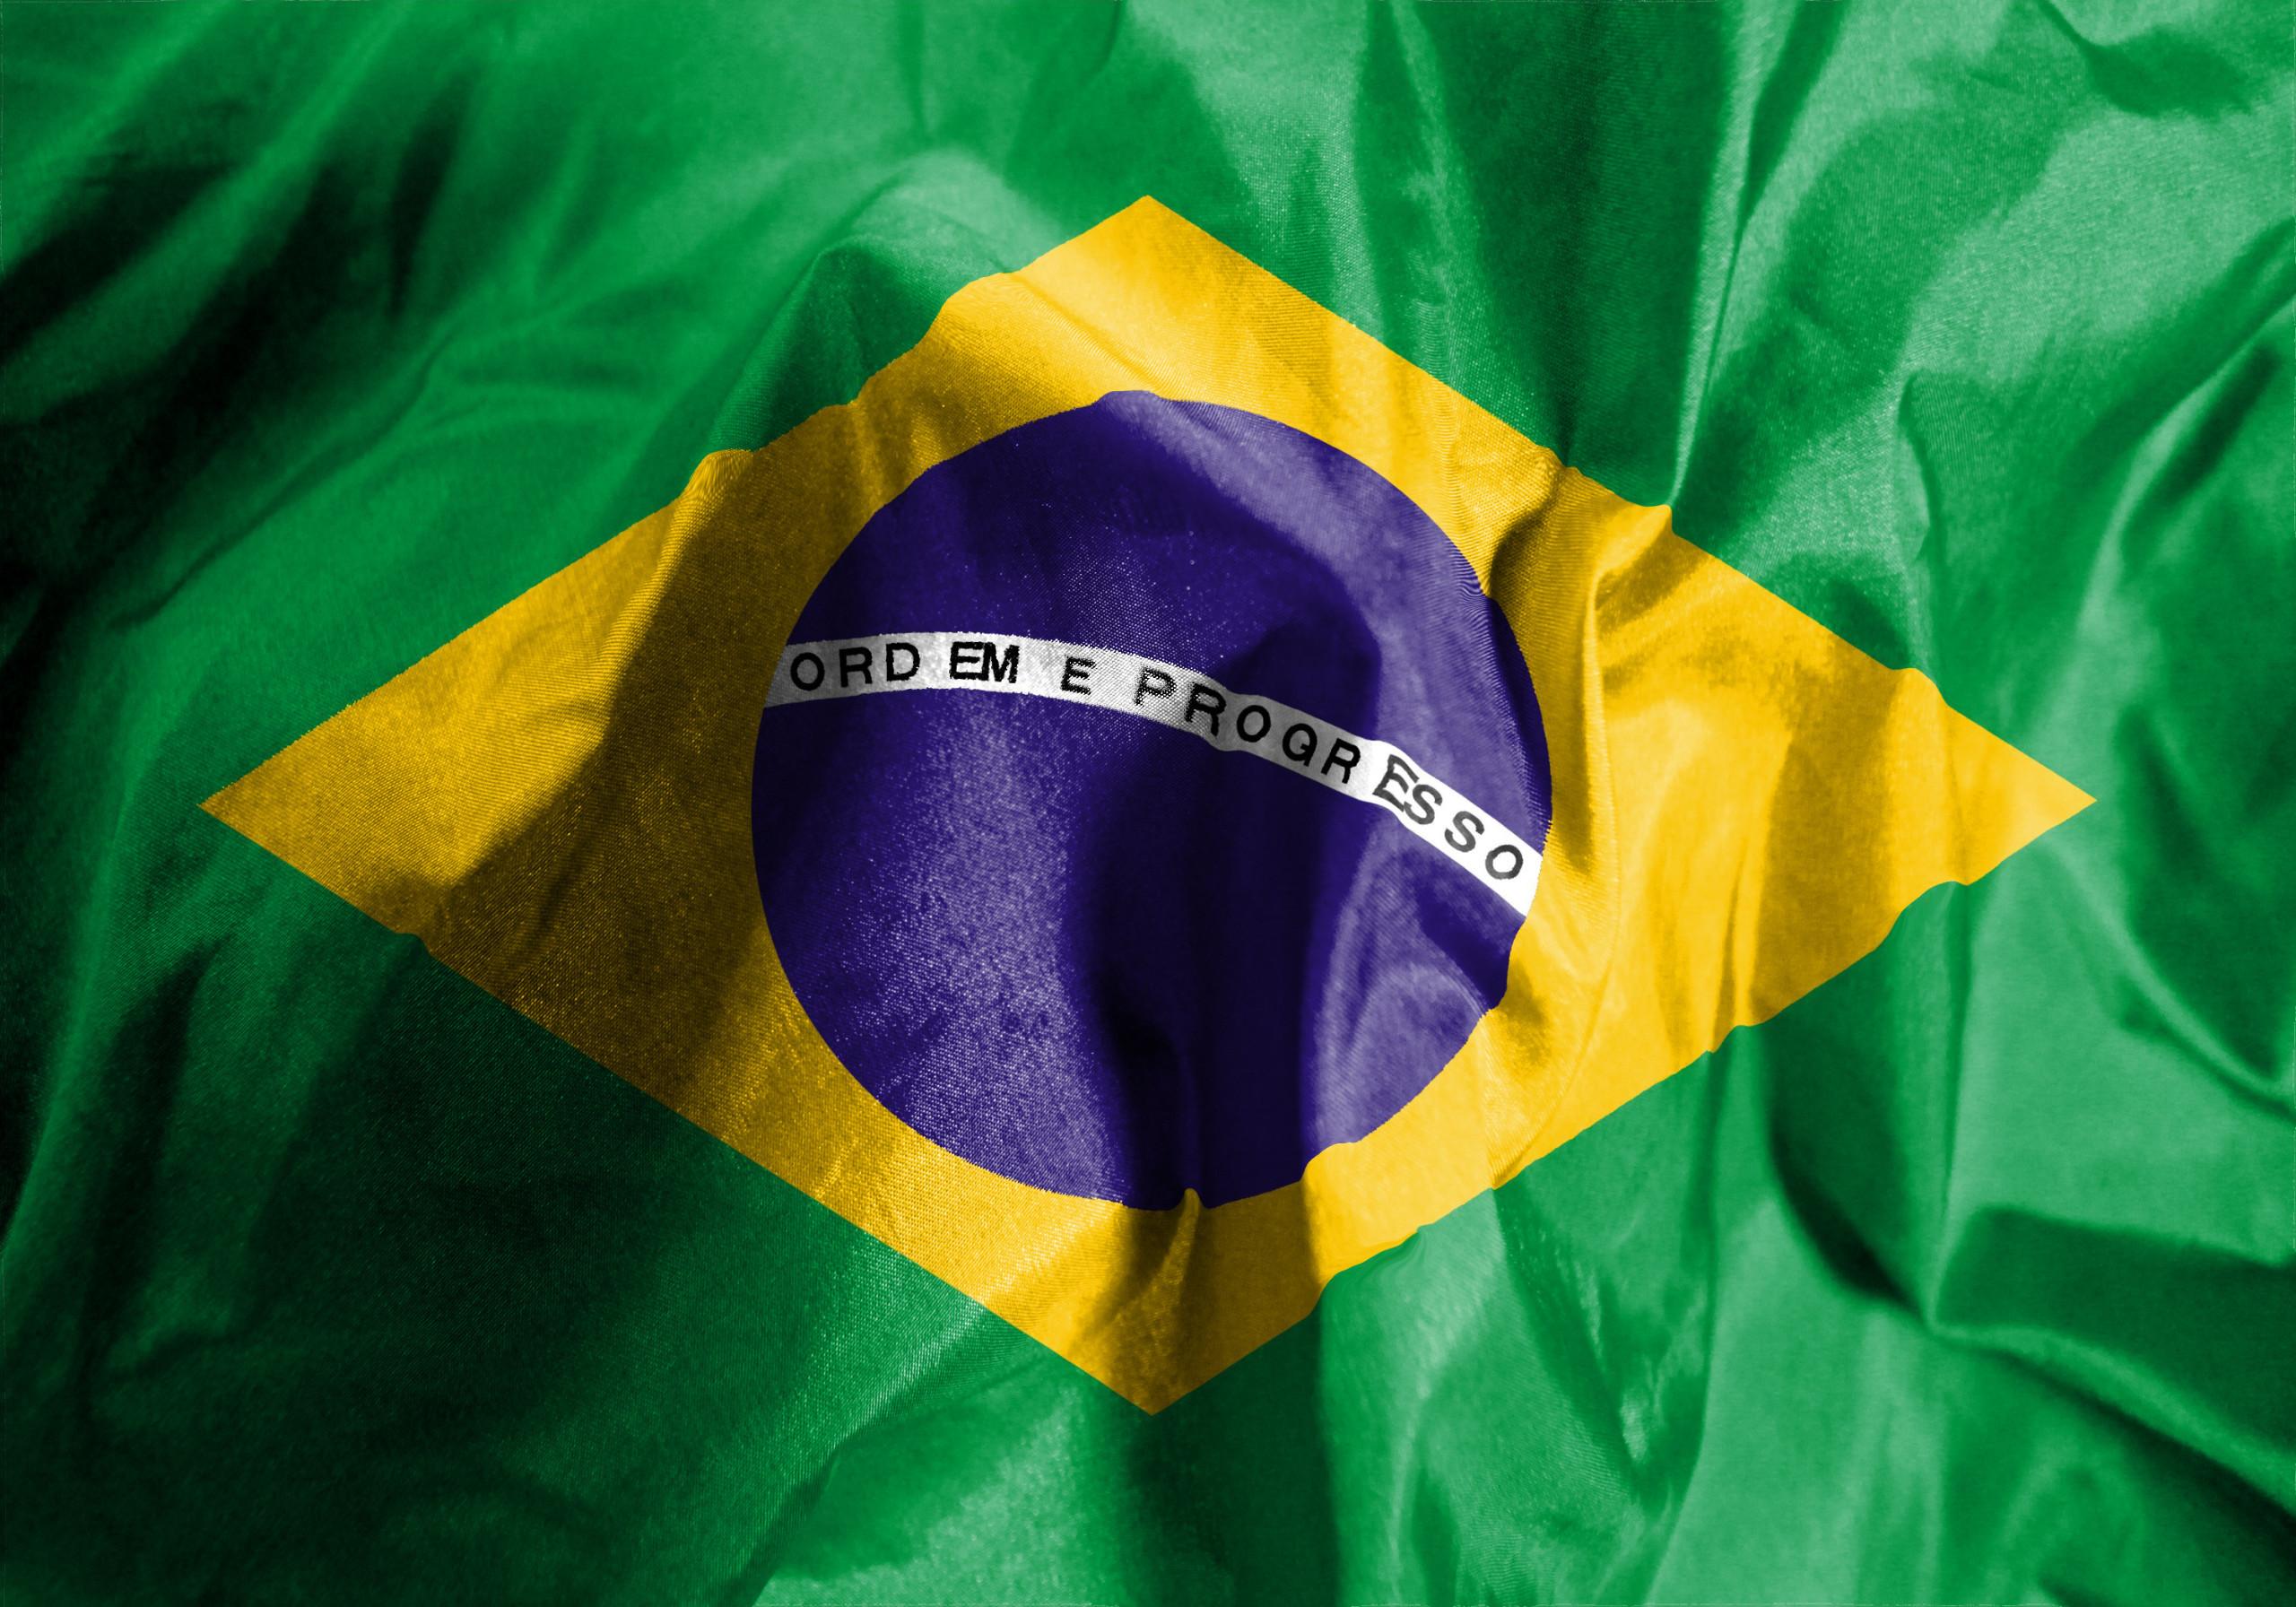 Brasil e Moçambique vão participar na Bienal de Arte de Veneza